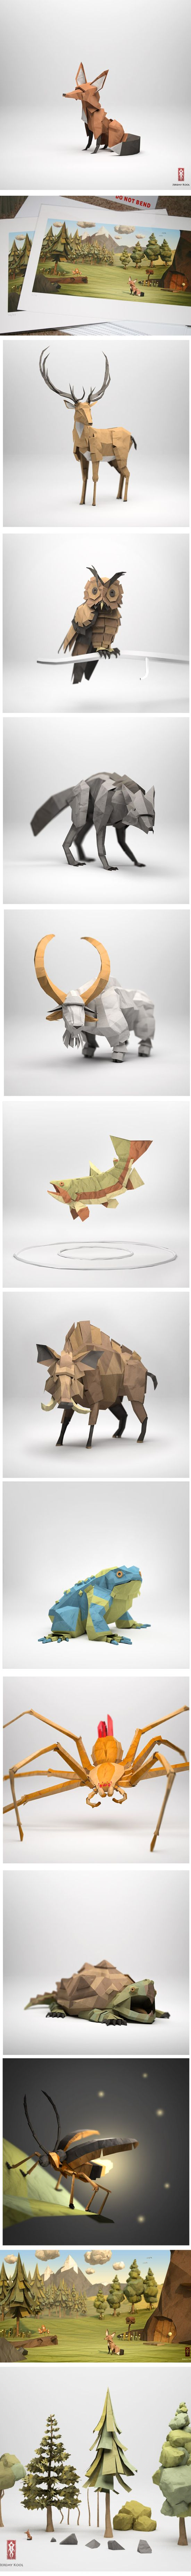 3D lowpoly - paper sculpture